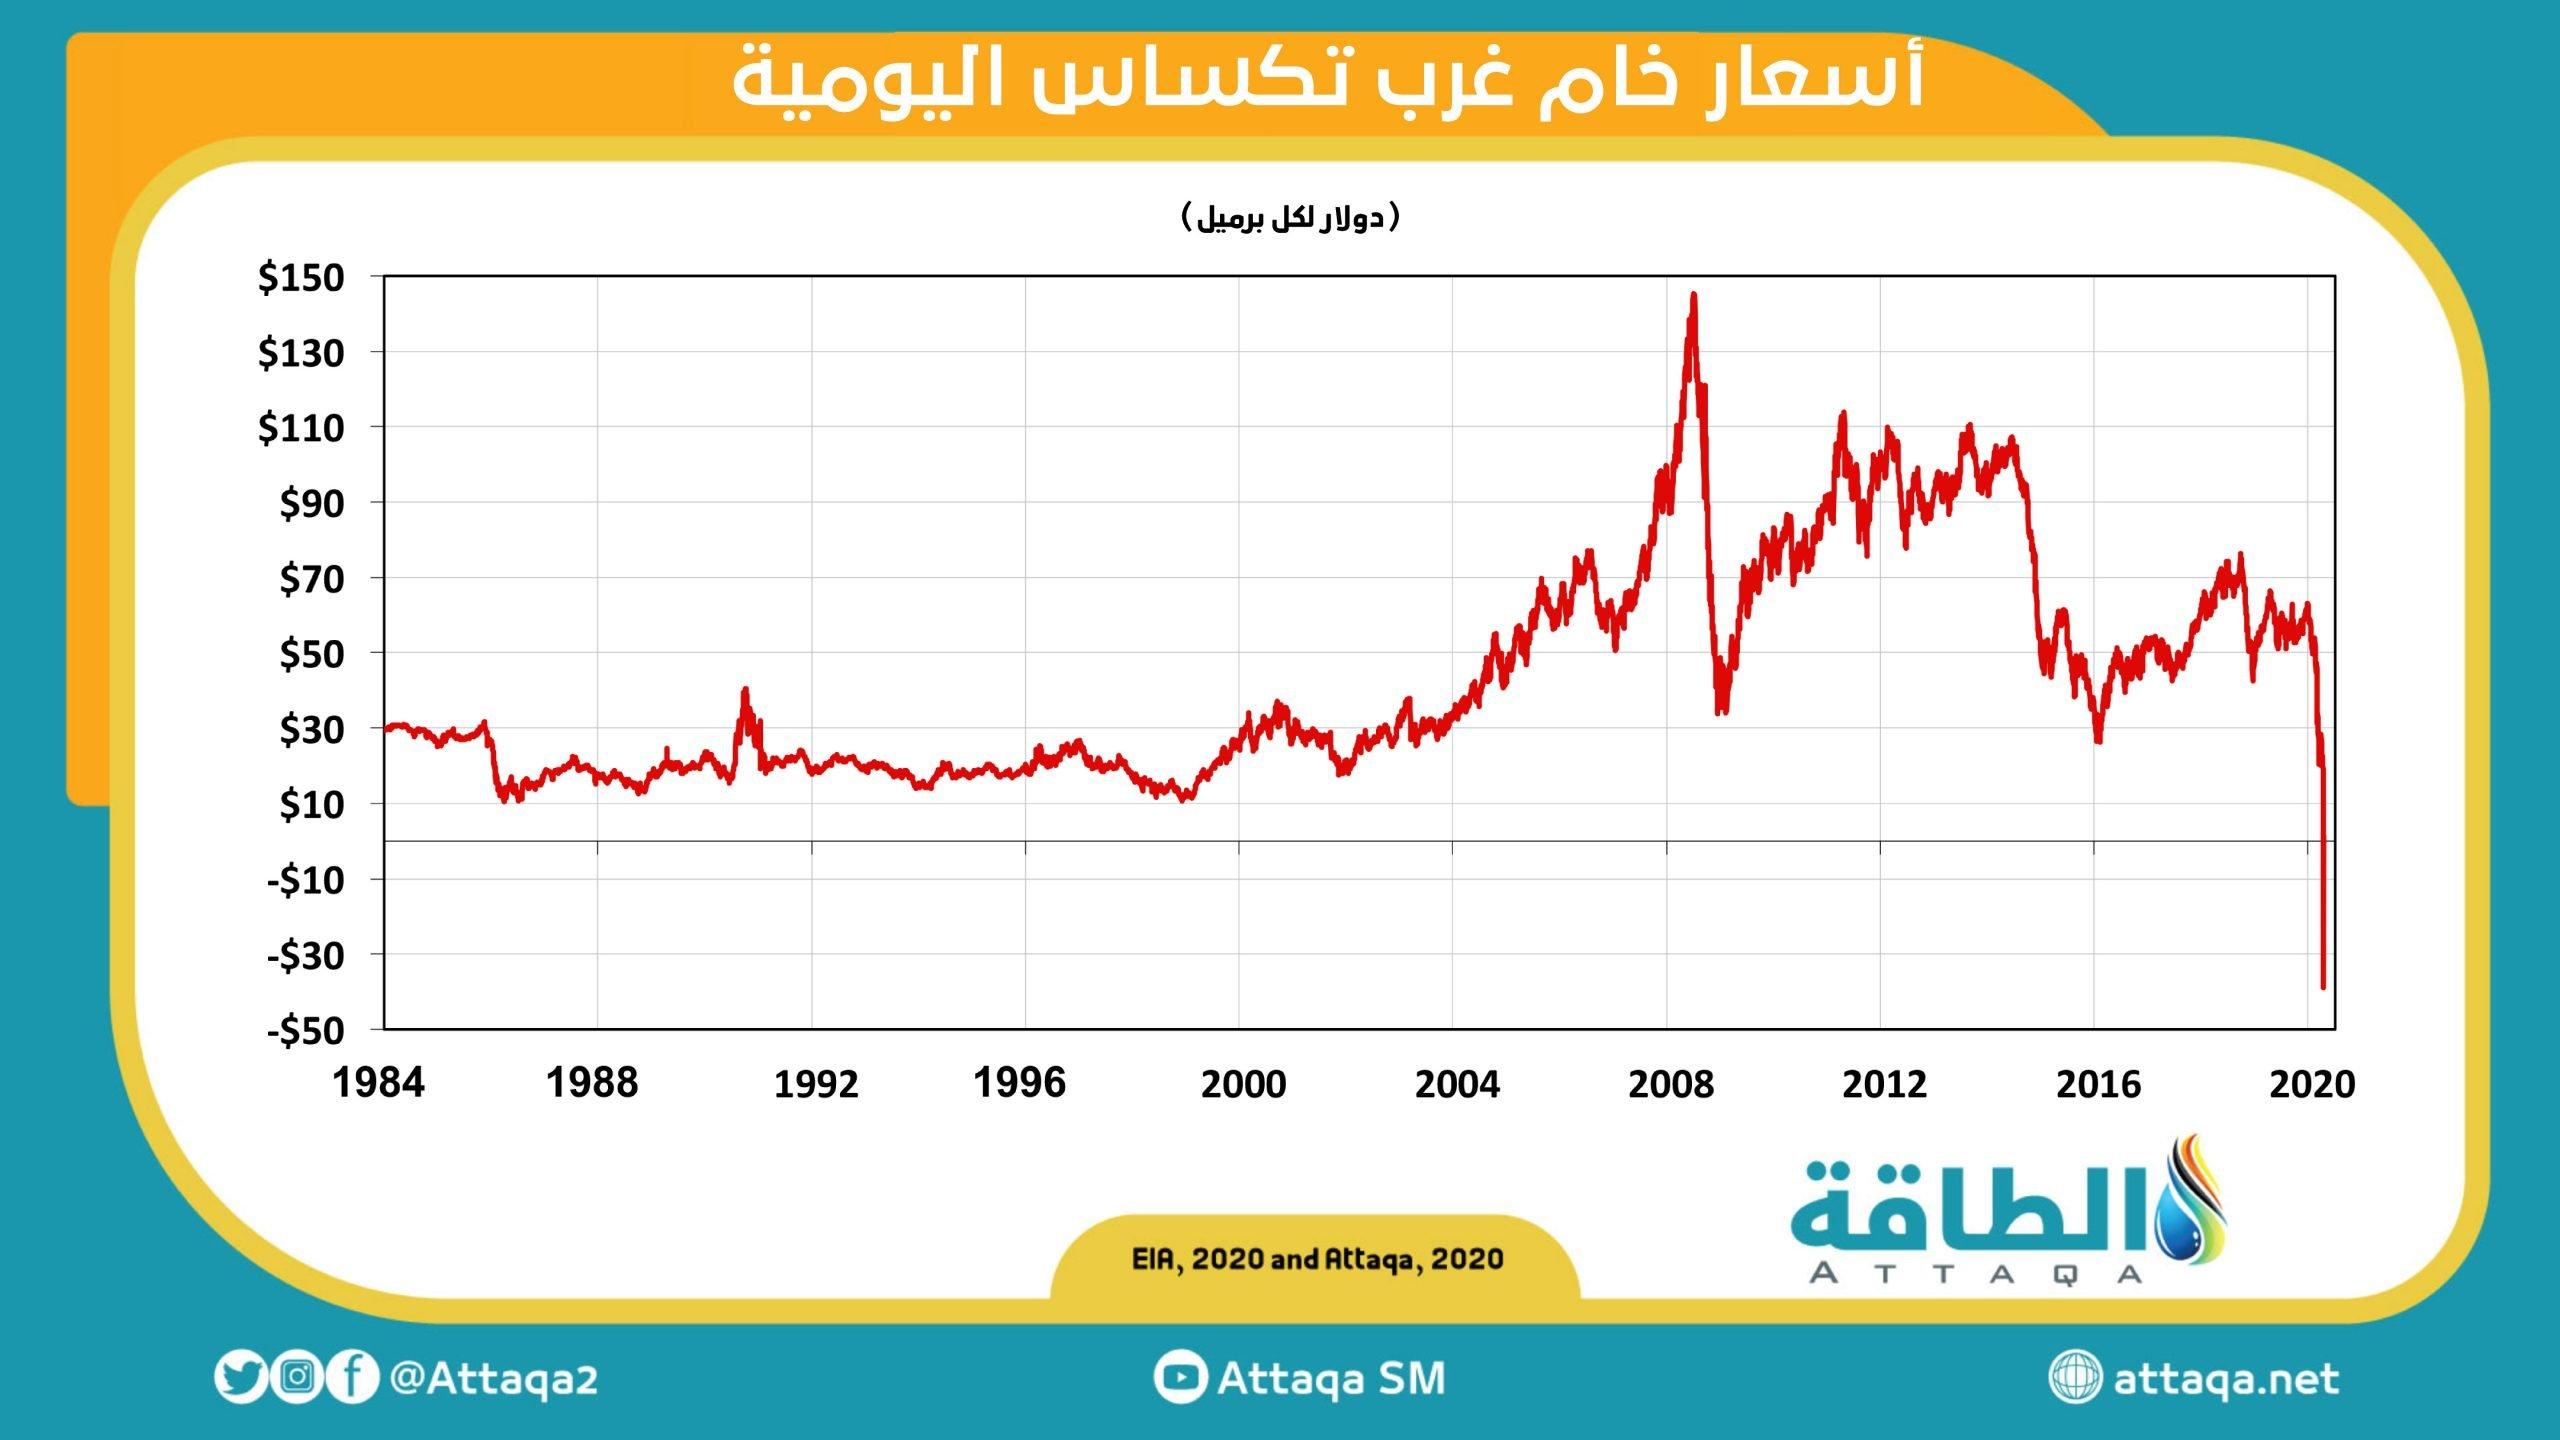 النفط السلبي - أنس الحجي